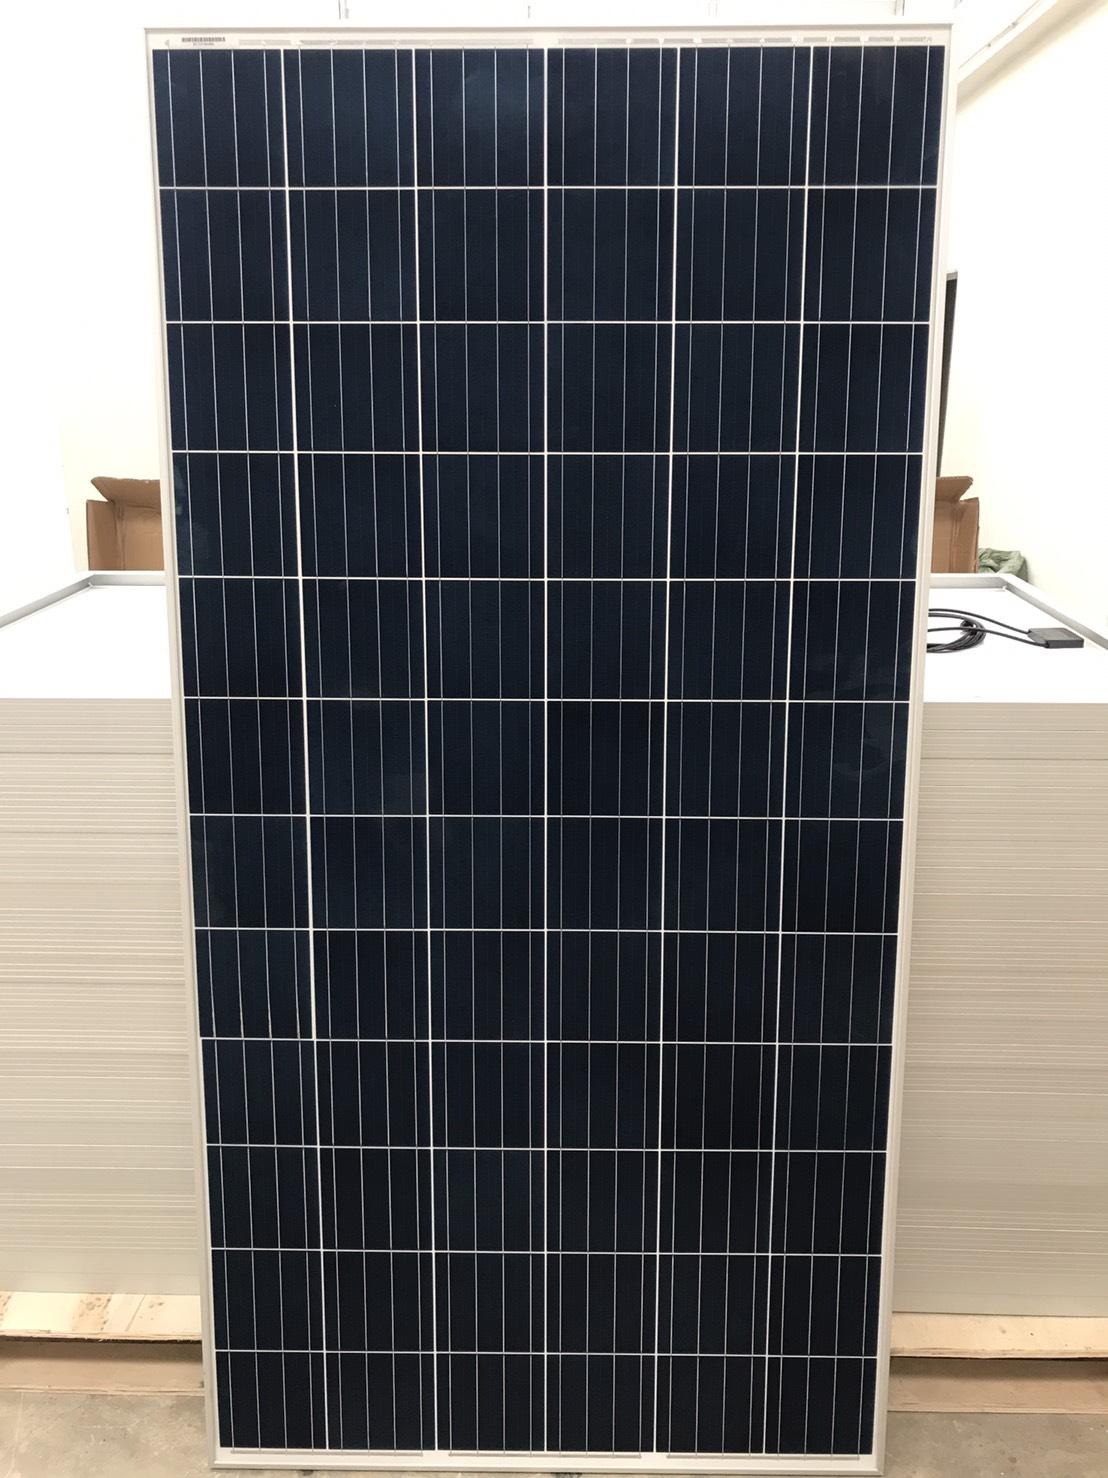 แผงโซล่าร์เซลล์ solar cell 325W SENERGY ราคาส่ง